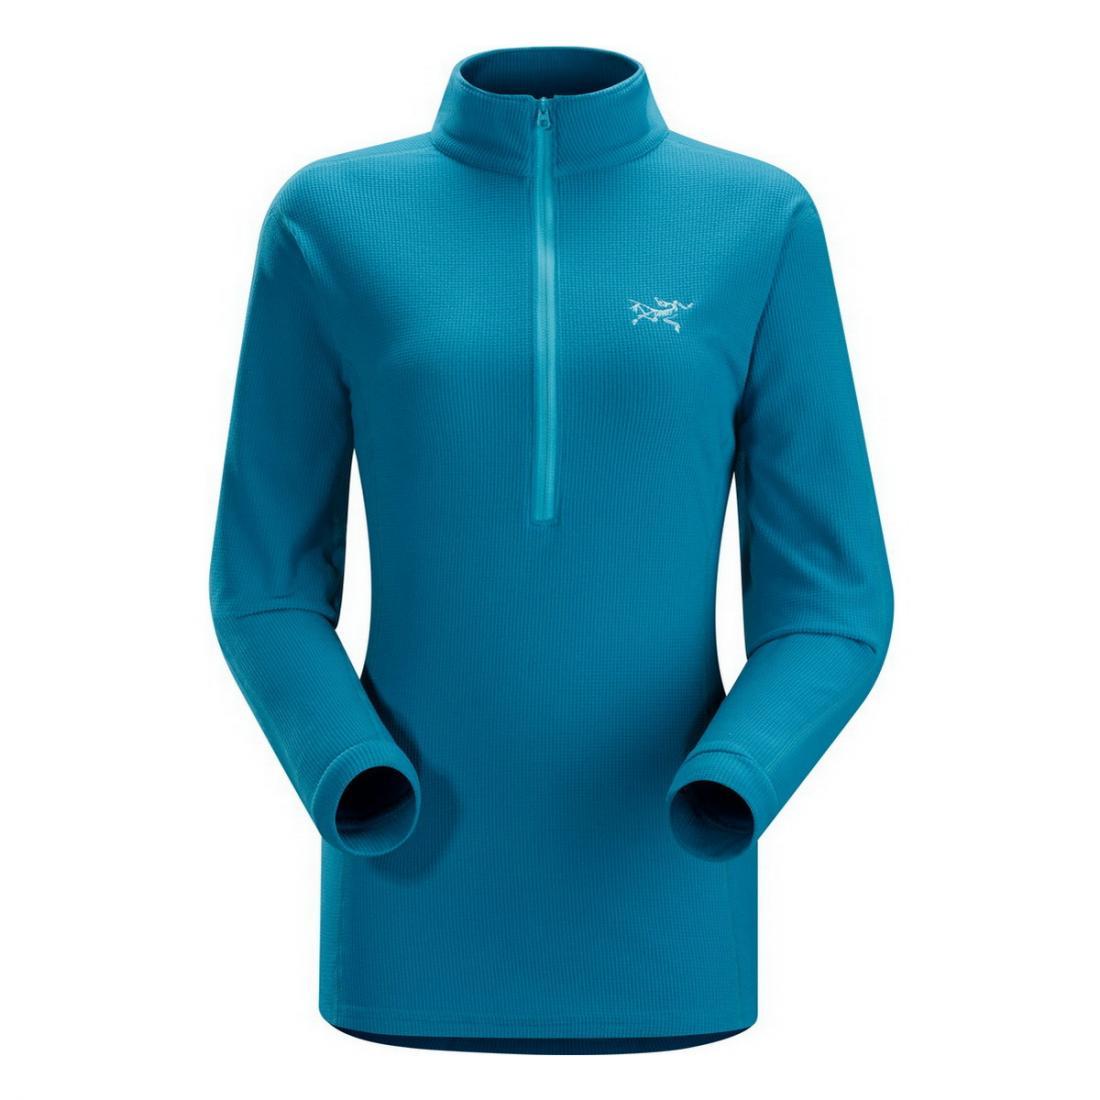 Куртка Delta LT Zip жен.Пуловеры<br><br><br><br> Delta LT Zip Womens – комфортная и легкая флисовая куртка от компании Arcteryx. Эта модель отвечает всем требованиям для активного городского образа жизни. Женская куртка оснащена молнией до середины длины, которая позволяет регулировать...<br><br>Цвет: Синий<br>Размер: L